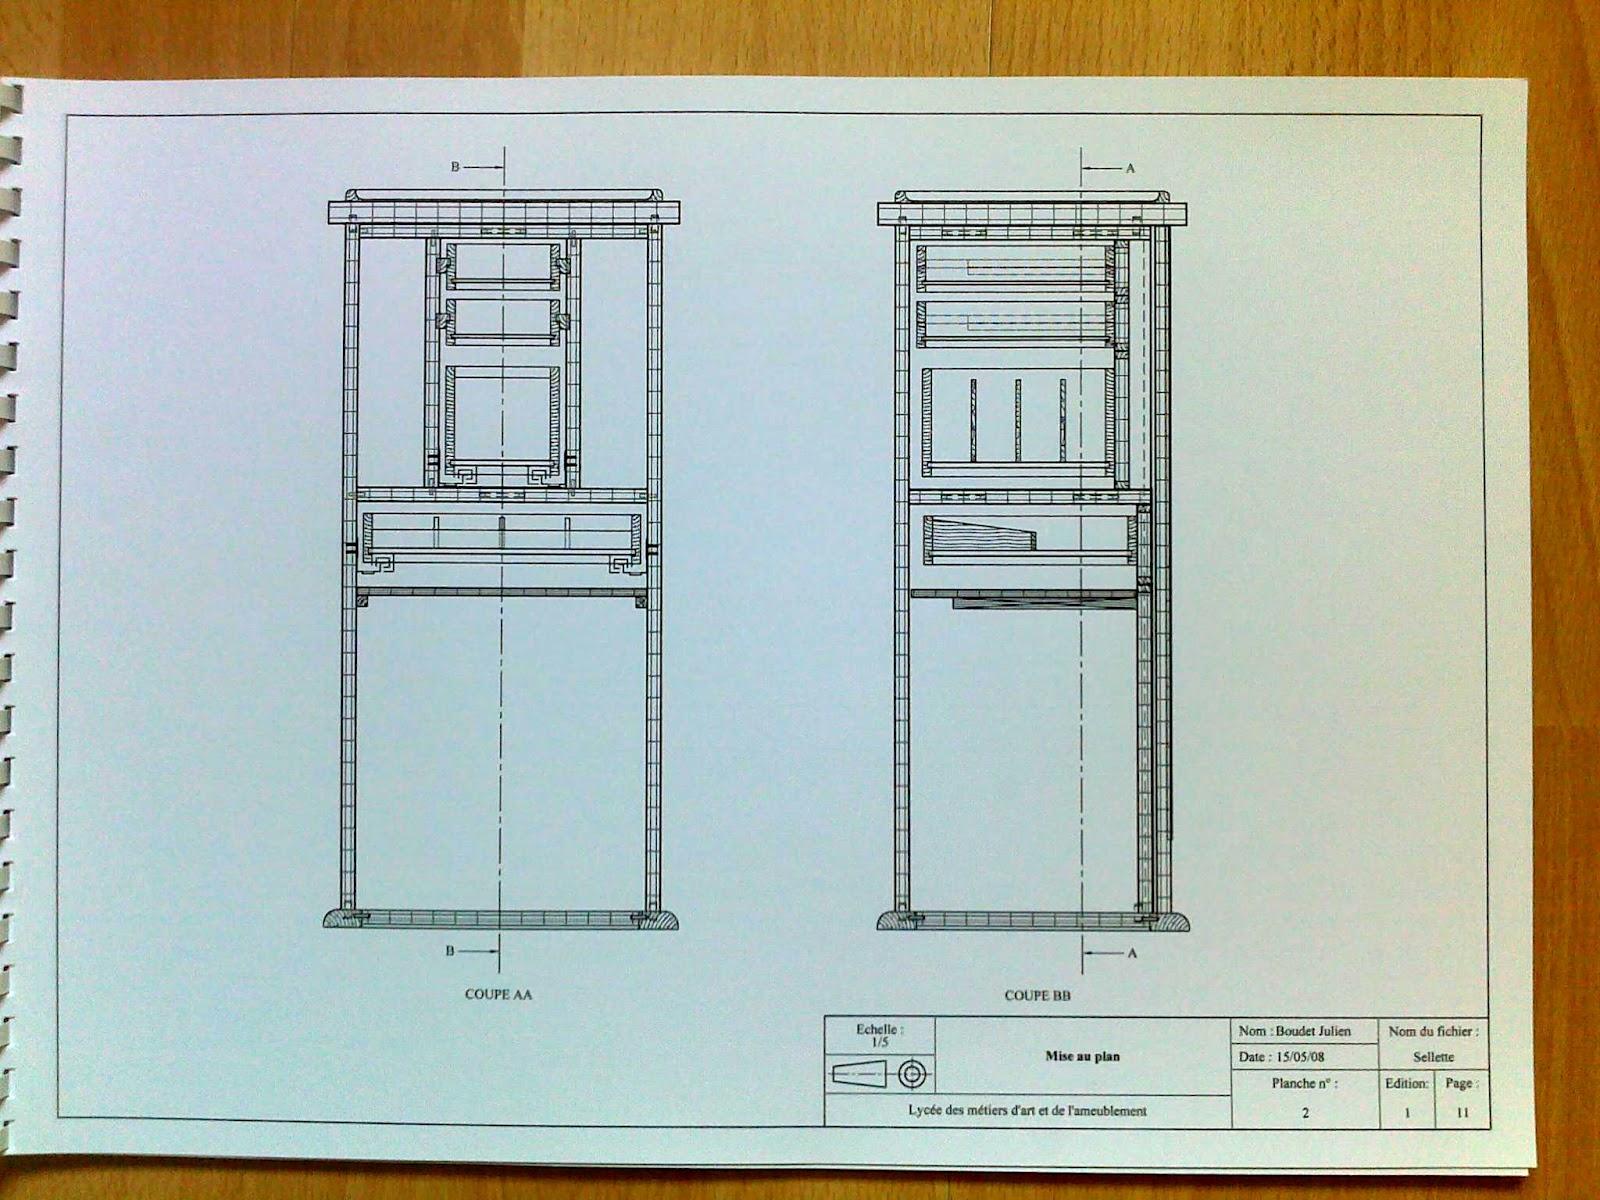 julien boudet 5 dessin industriel. Black Bedroom Furniture Sets. Home Design Ideas